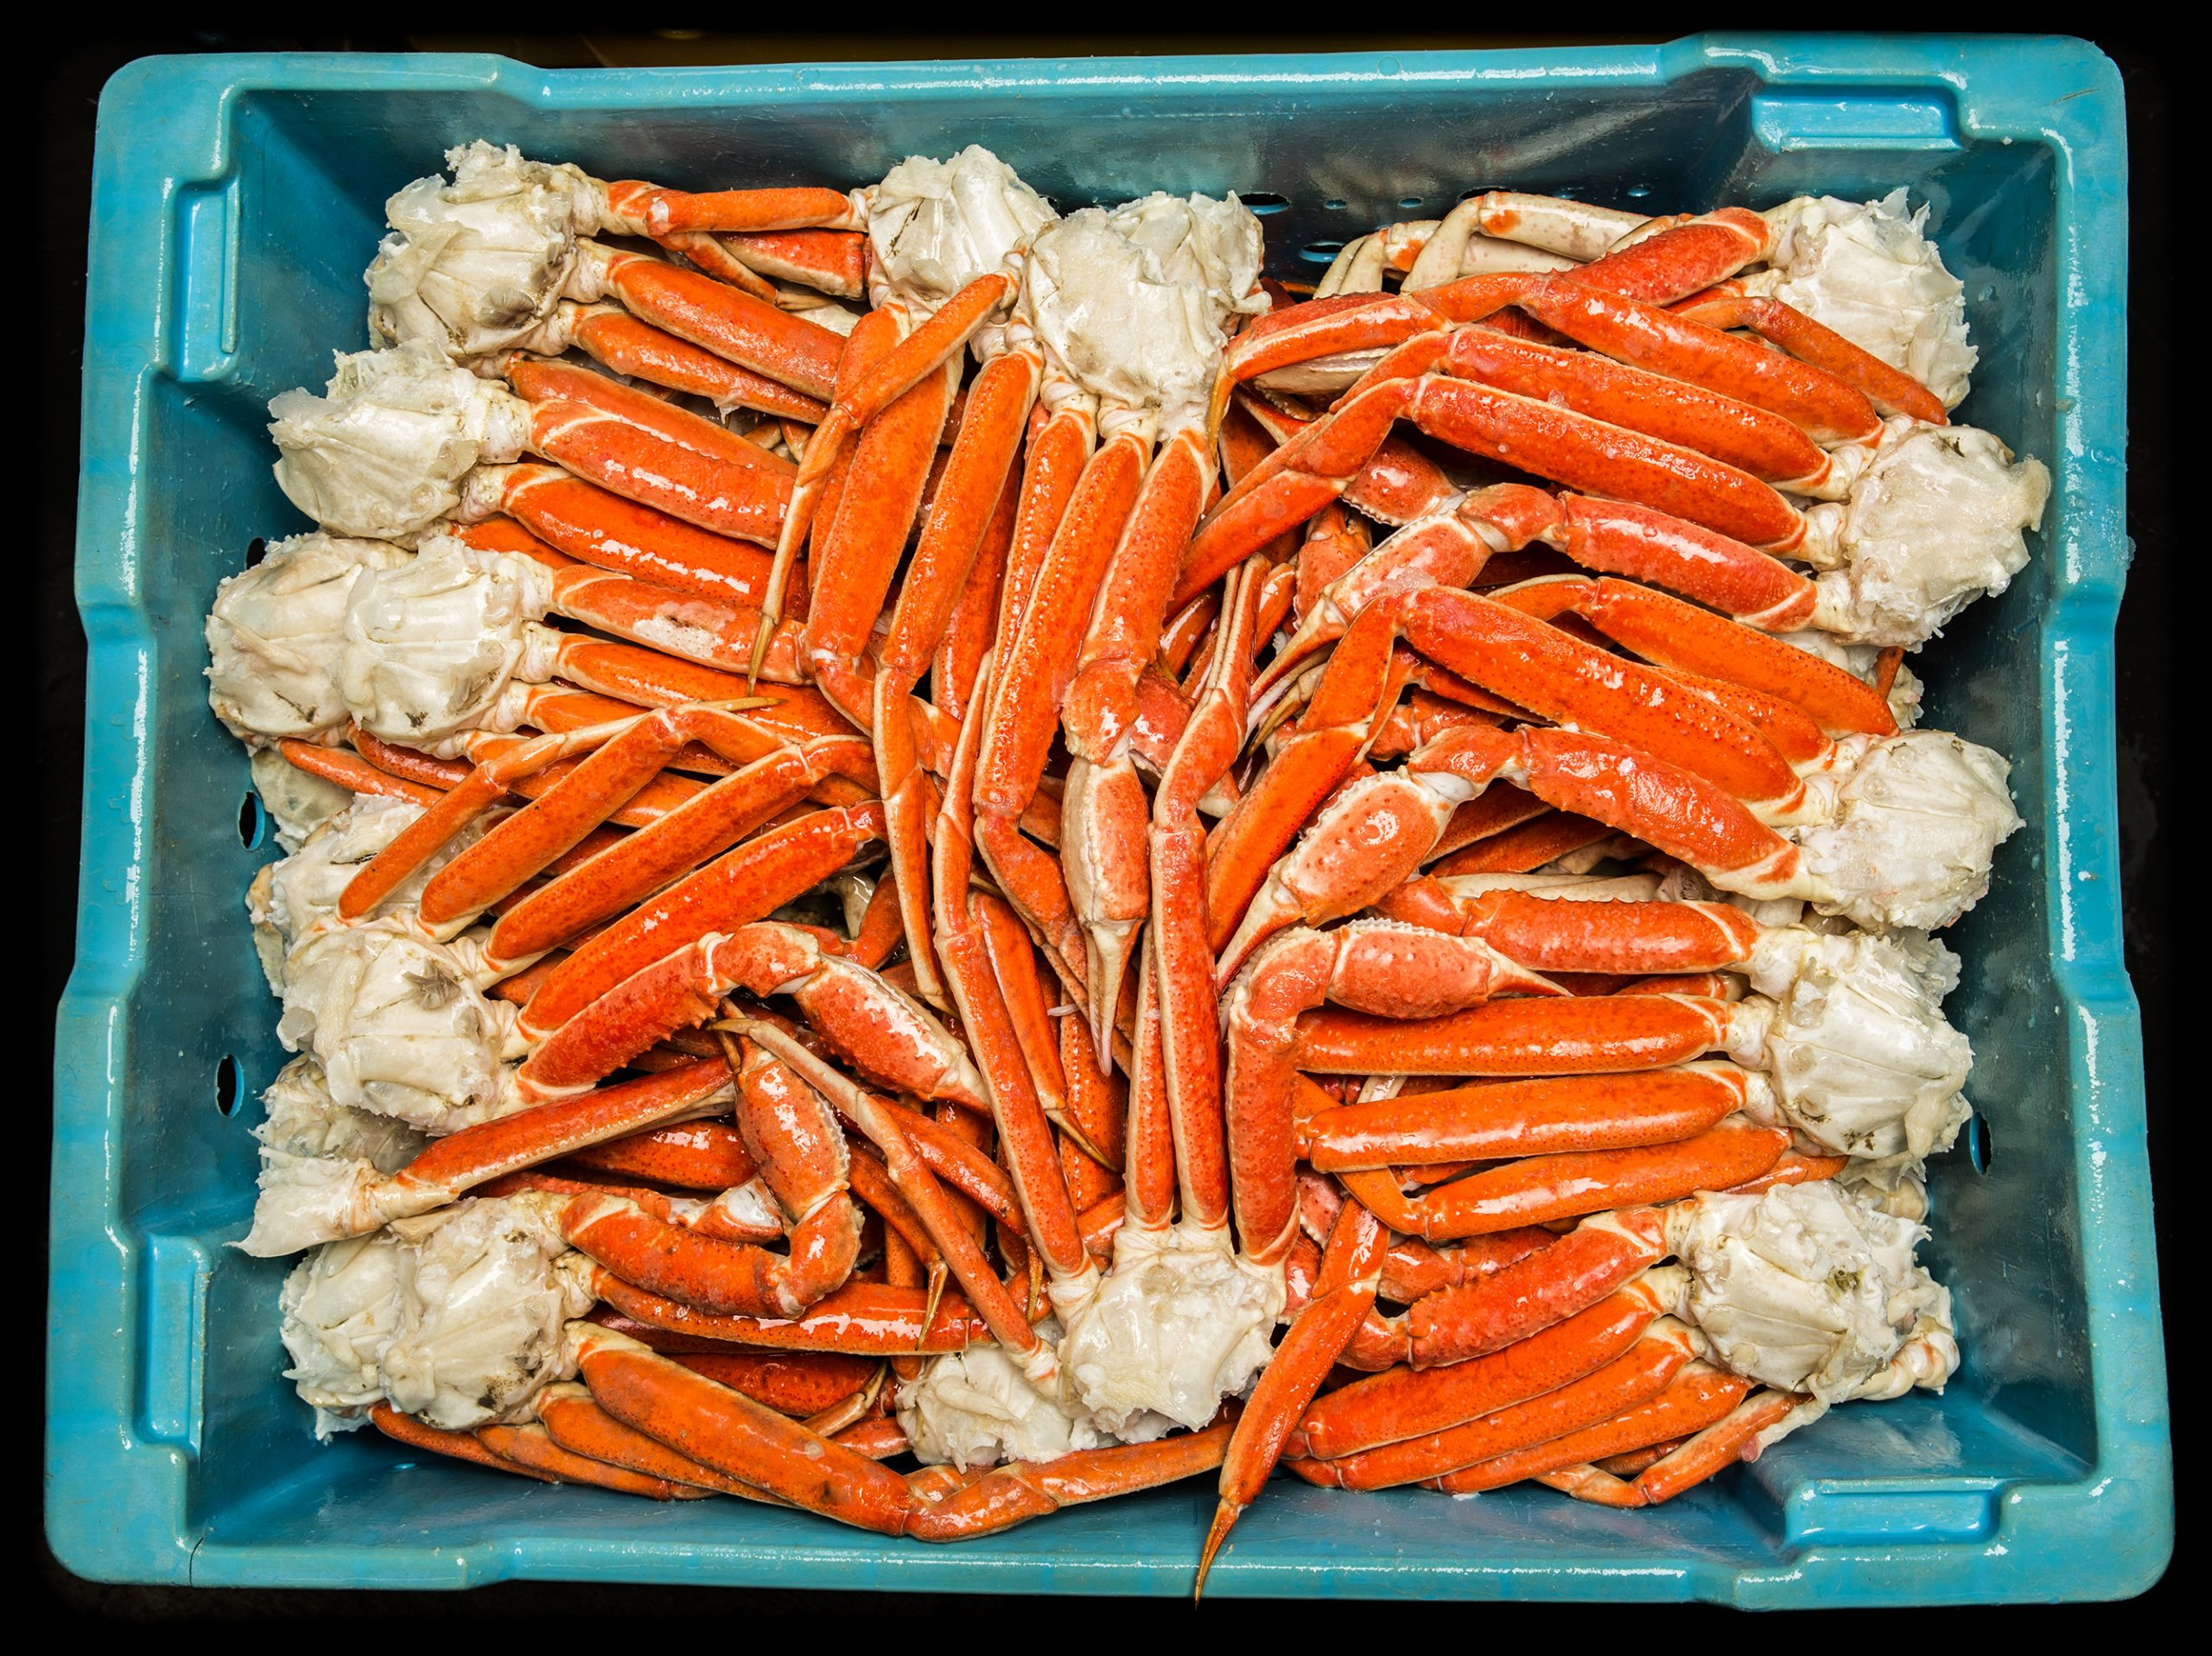 China detuvo importaciones de cangrejo chileno tras detectar rastros de COVID-19